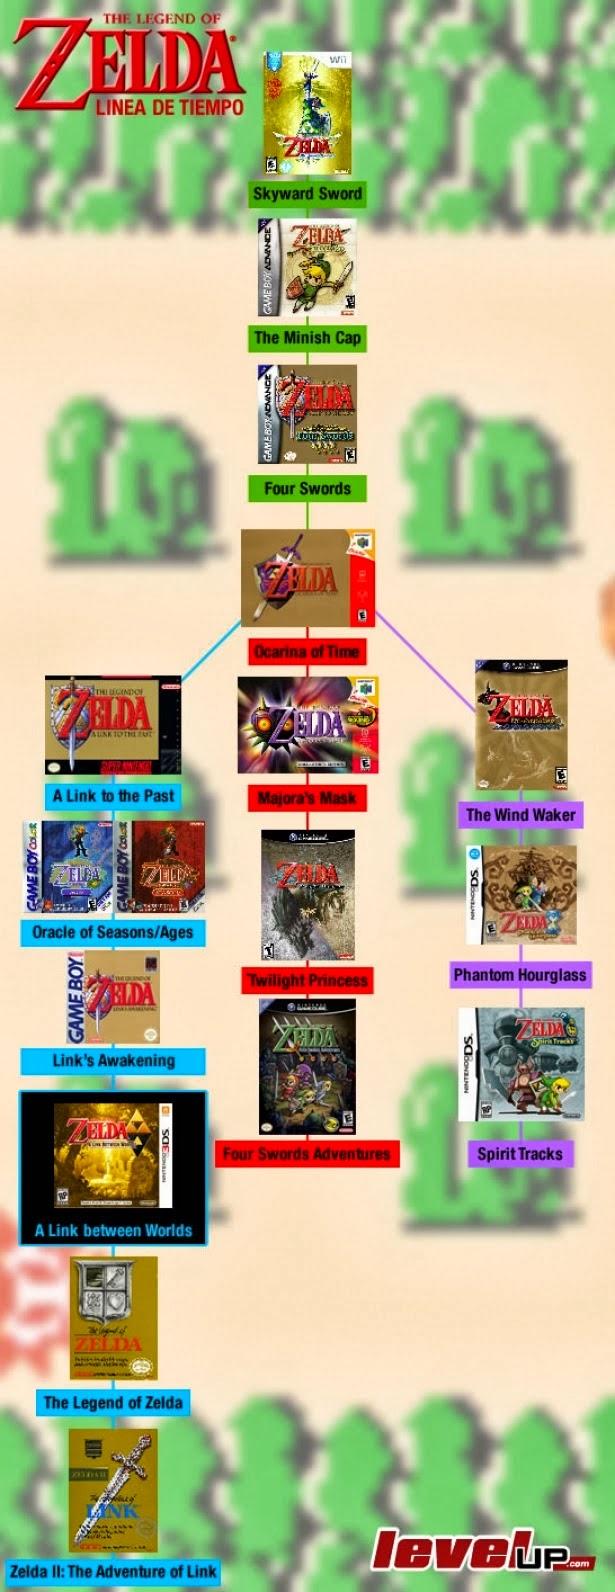 The Legend Of Zelda Cronologia 2014 The Legend Of Zelda Frases